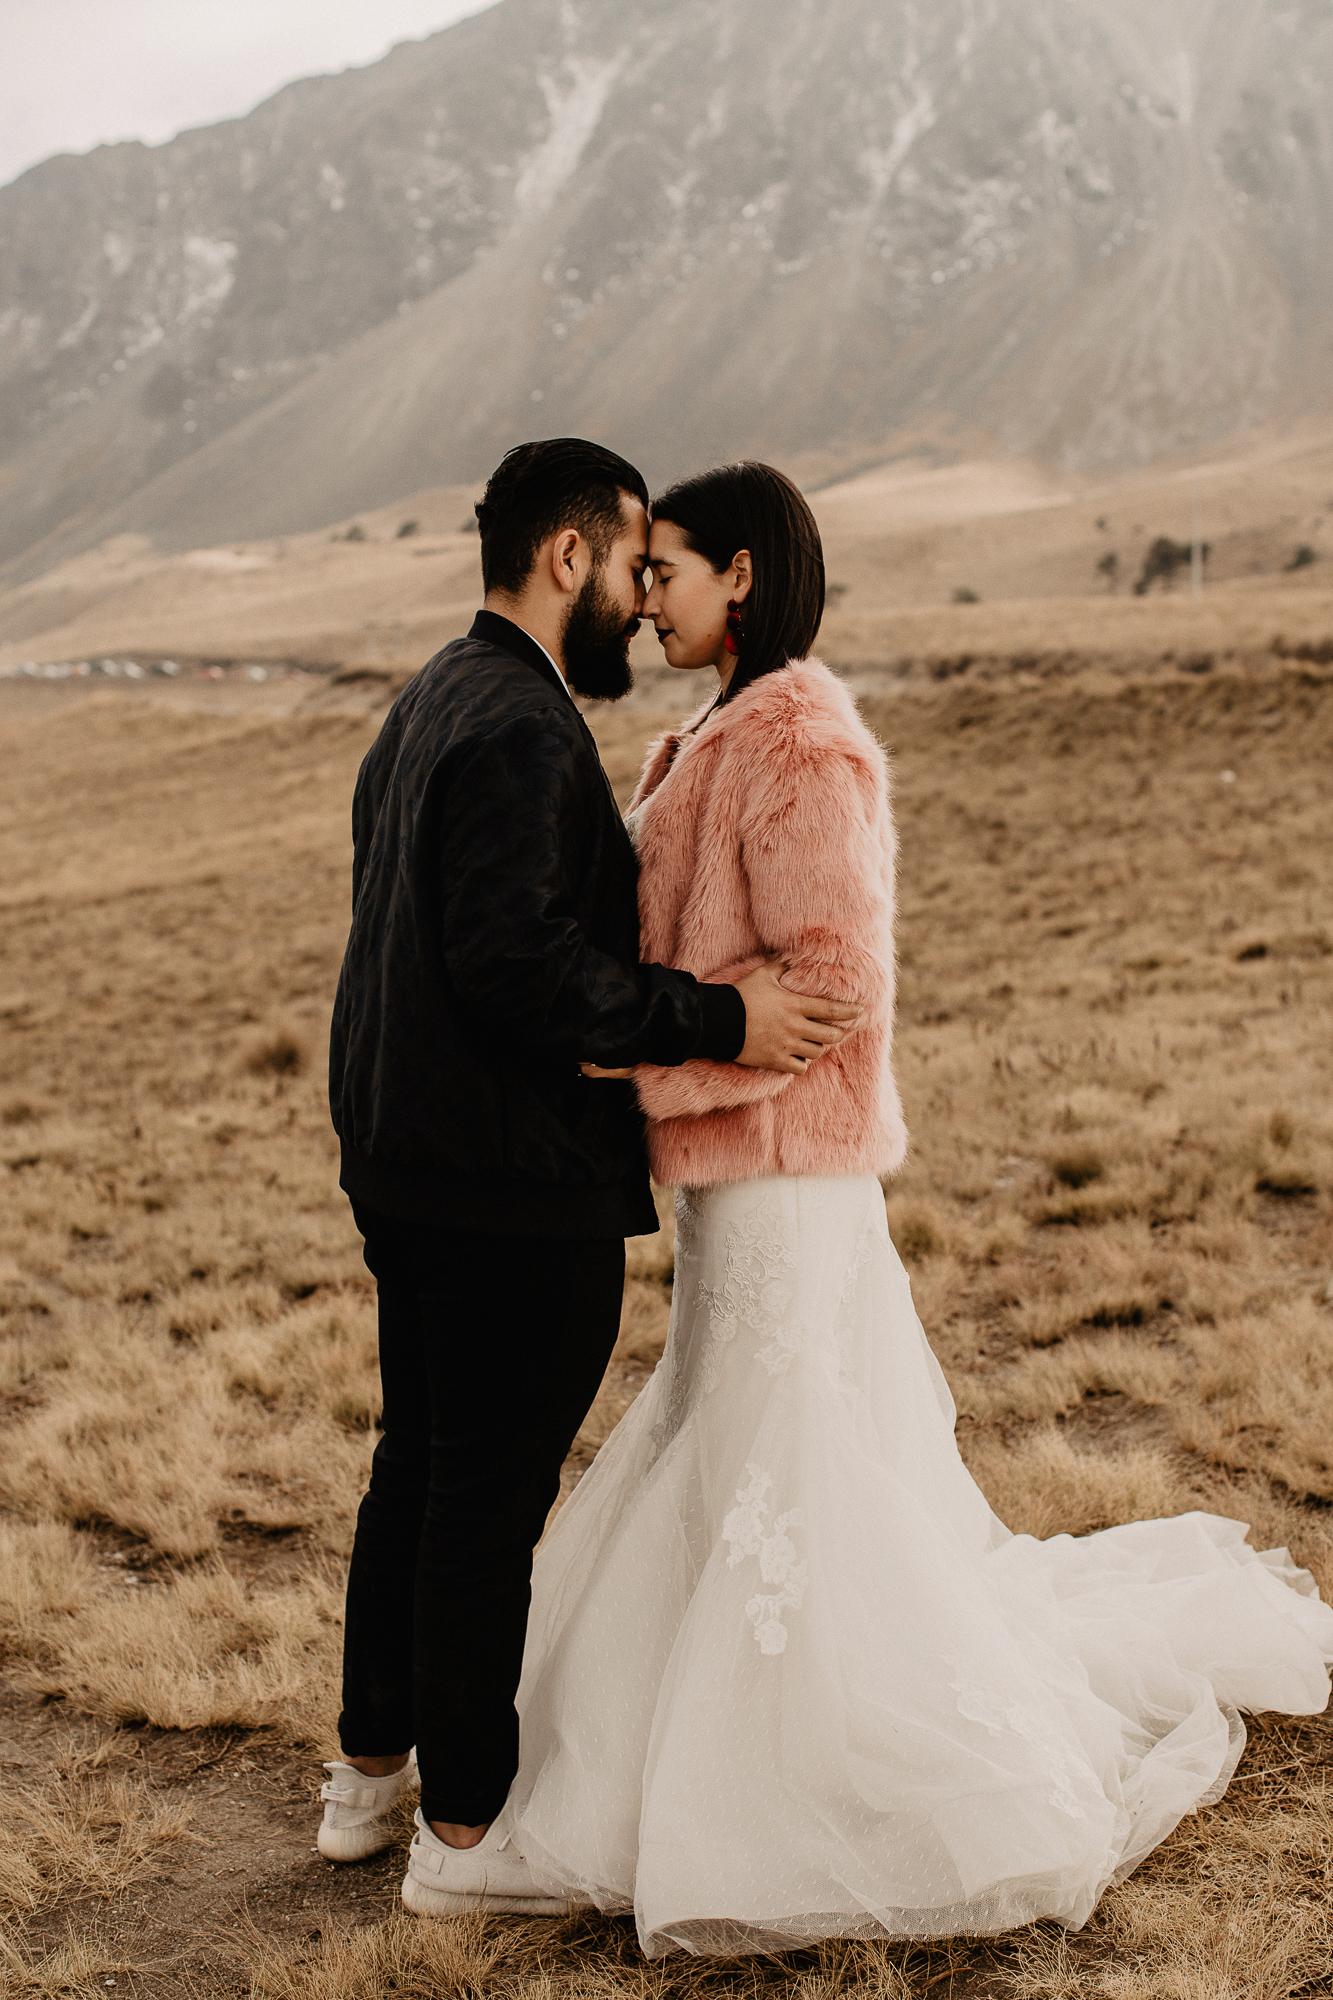 alfonso-flores-fotografo-de-bodas-nevado-de-toluca-sesion-de-pareja91.jpg